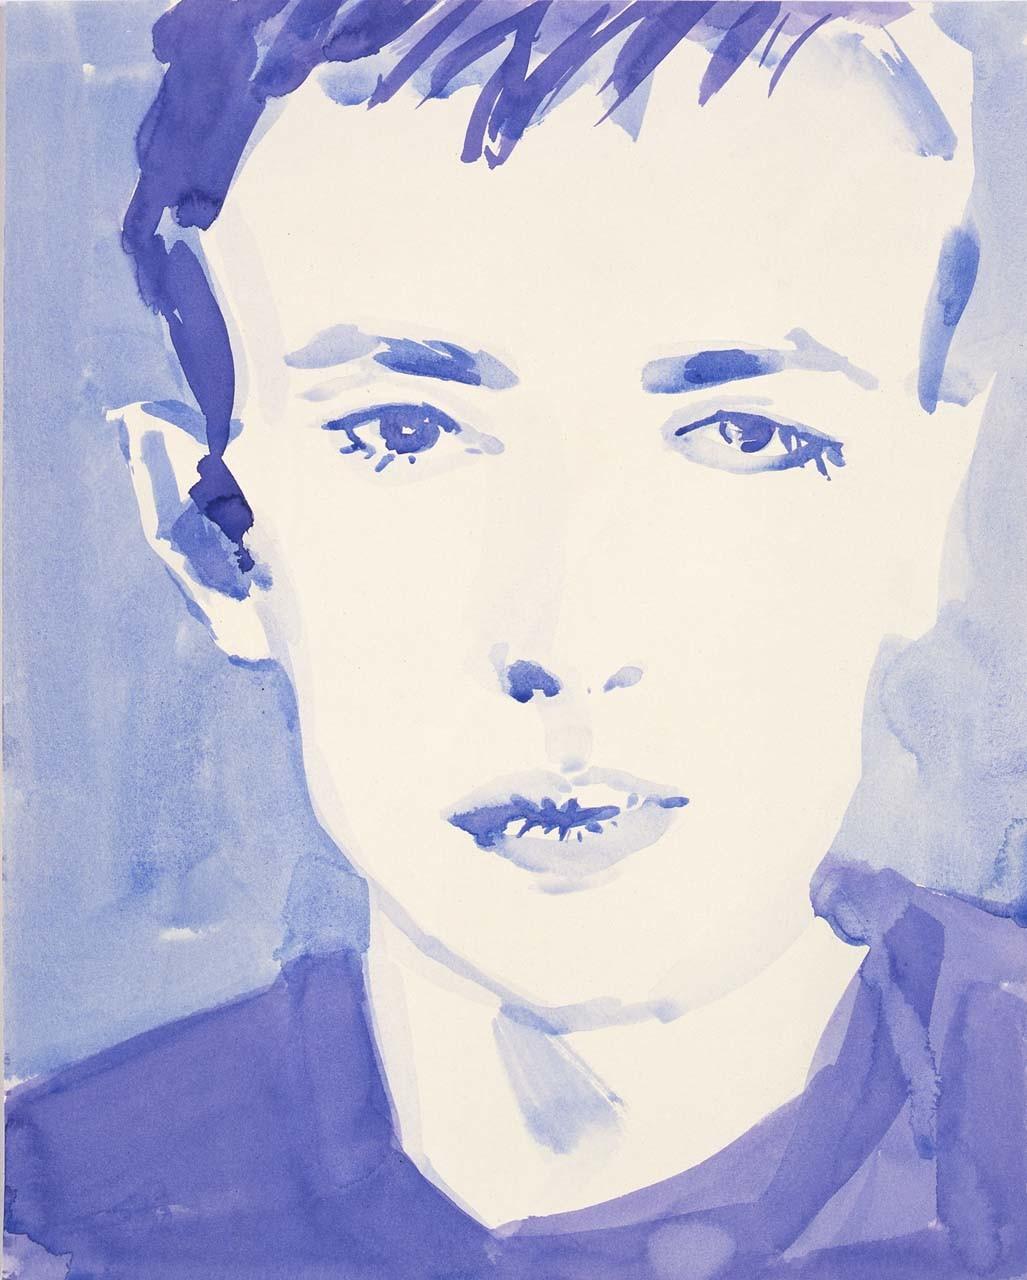 """<div class=""""artwork_caption""""><p>Thom Yorke, 1997</p></div>"""